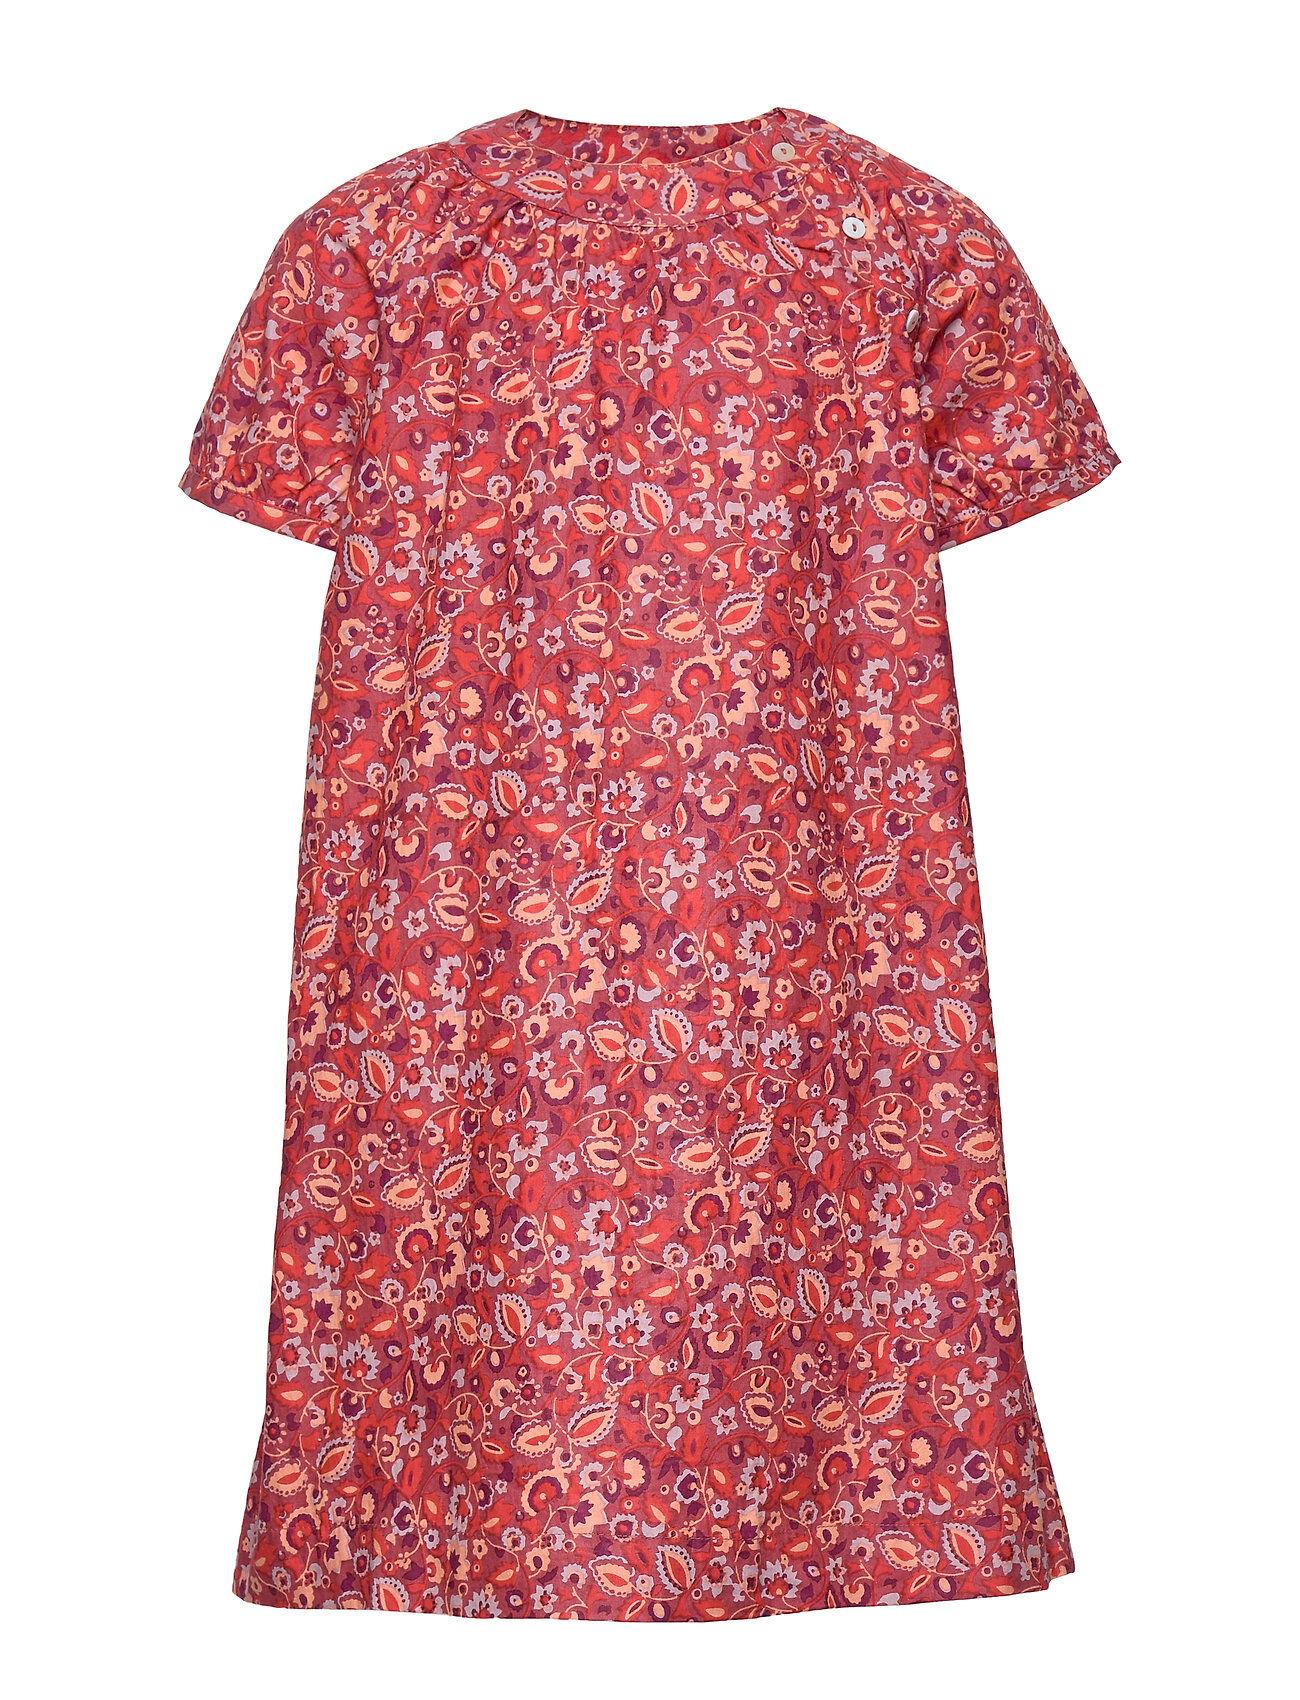 Noa Noa Miniature Dress Short Sleeve Mekko Vaaleanpunainen Noa Noa Miniature